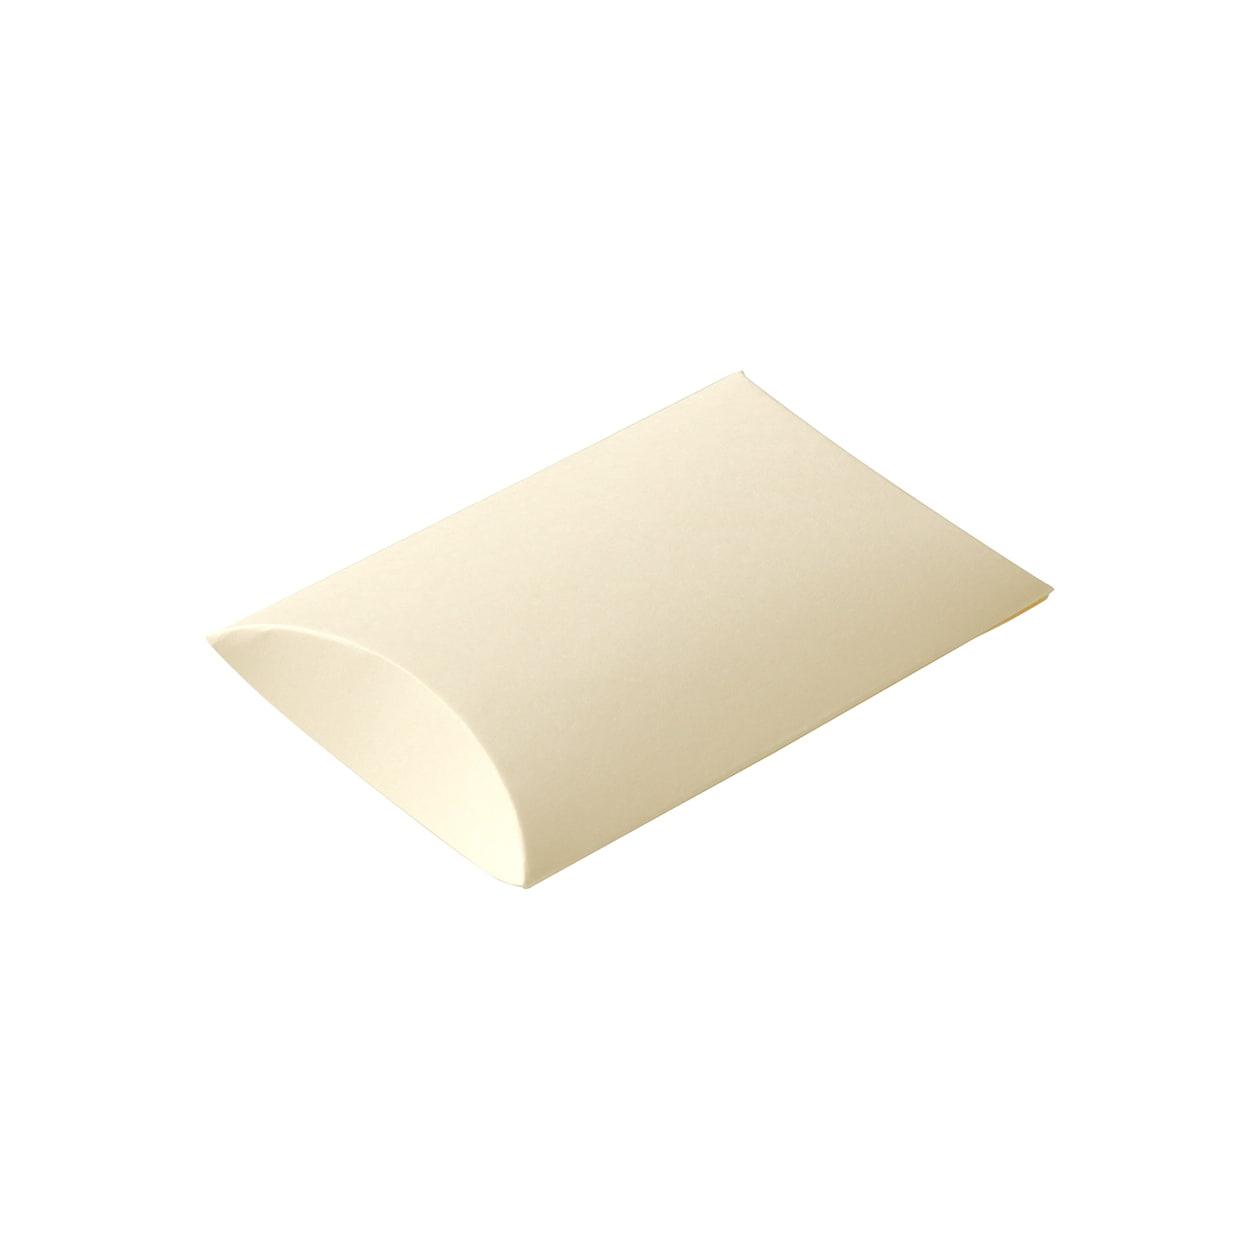 ピローケース75×115×20 コットン ナチュラル 232.8g